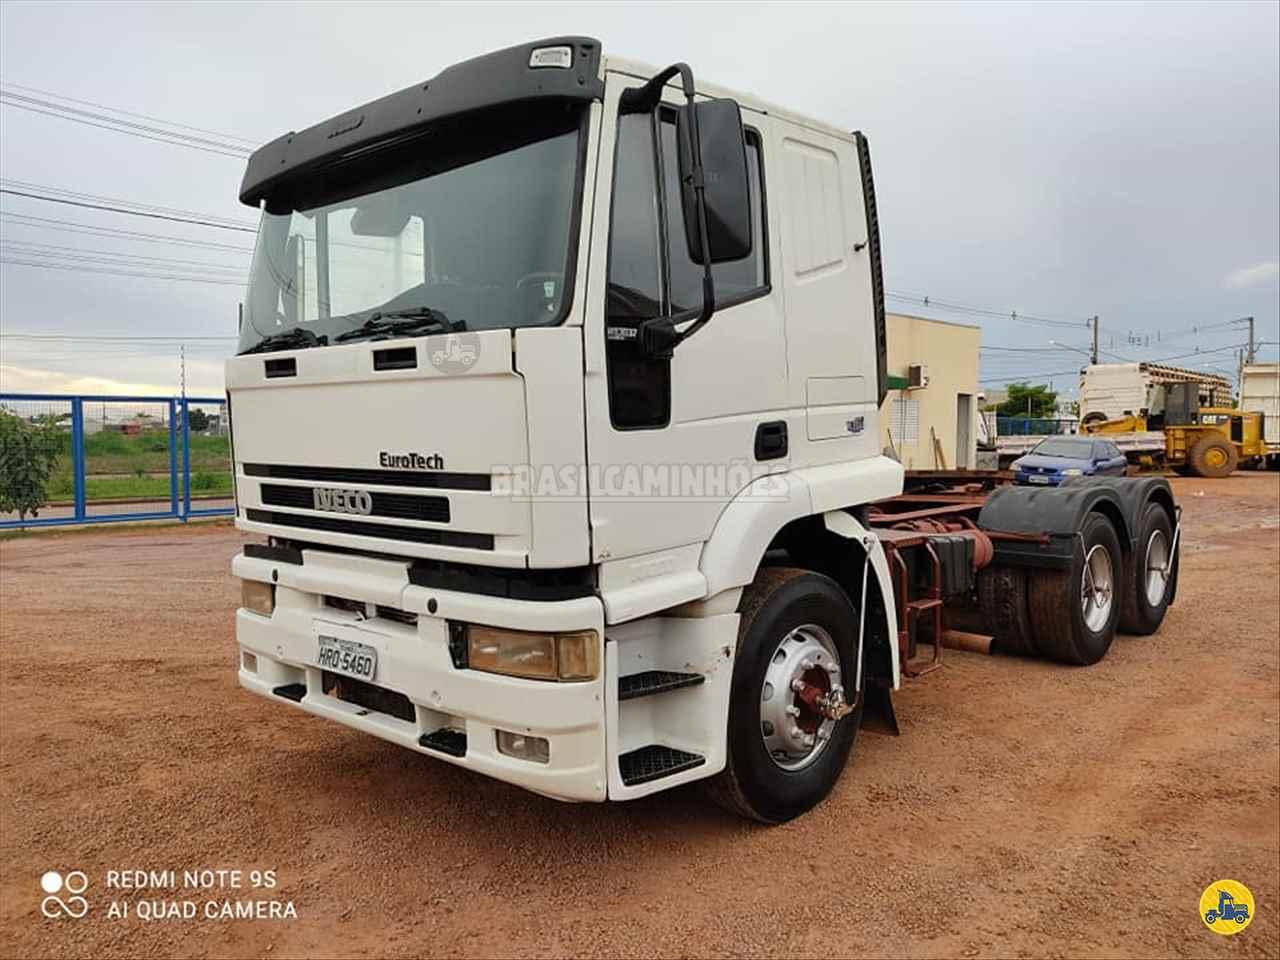 CAMINHAO IVECO EUROTECH 450E37 Cavalo Mecânico Truck 6x2 Brasil Caminhões Sinop SINOP MATO GROSSO MT